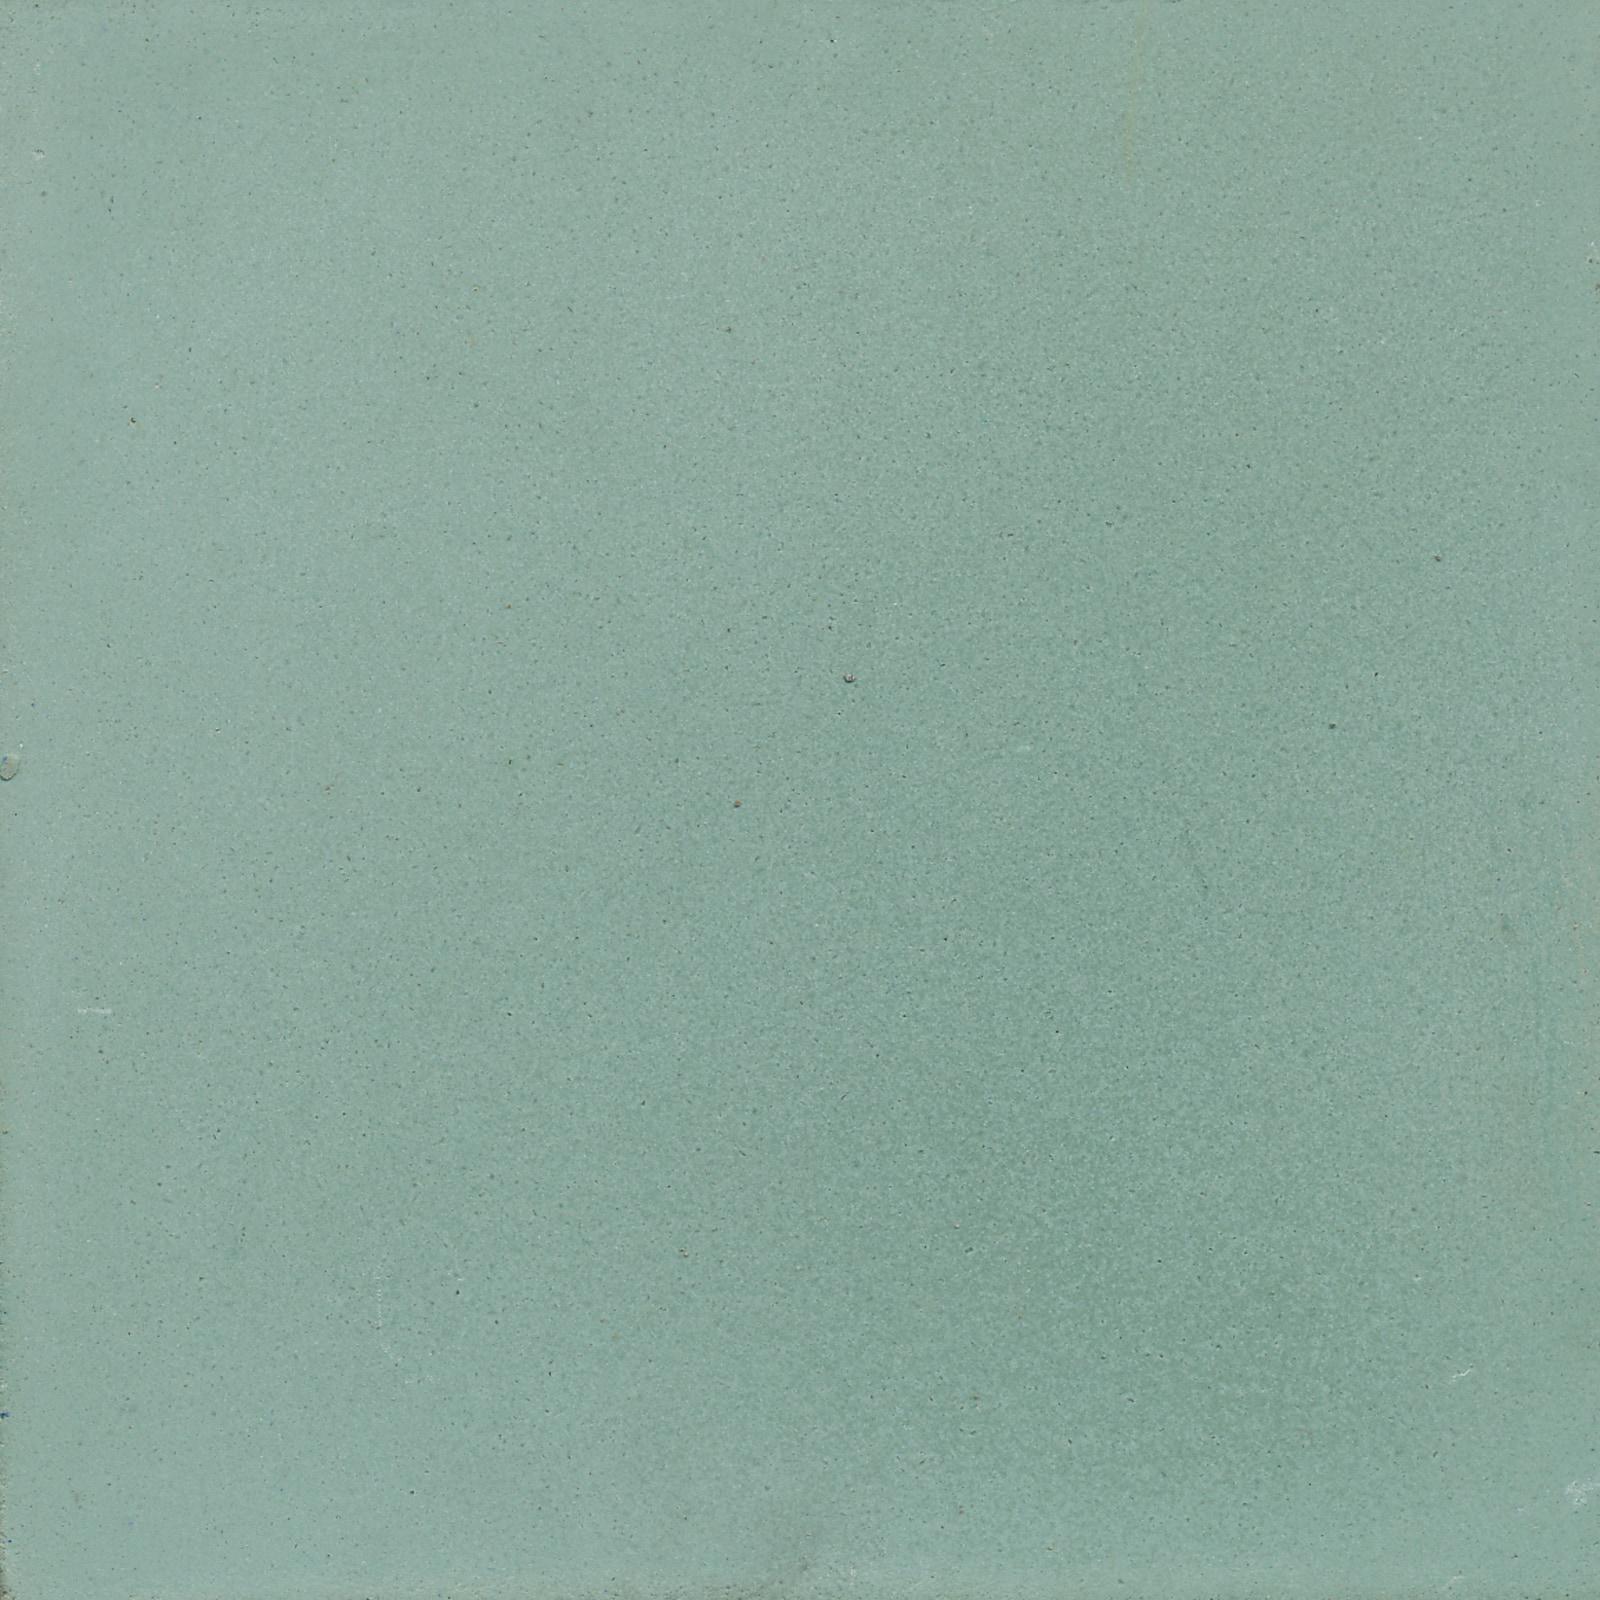 VIA_50-viaplatten | 50